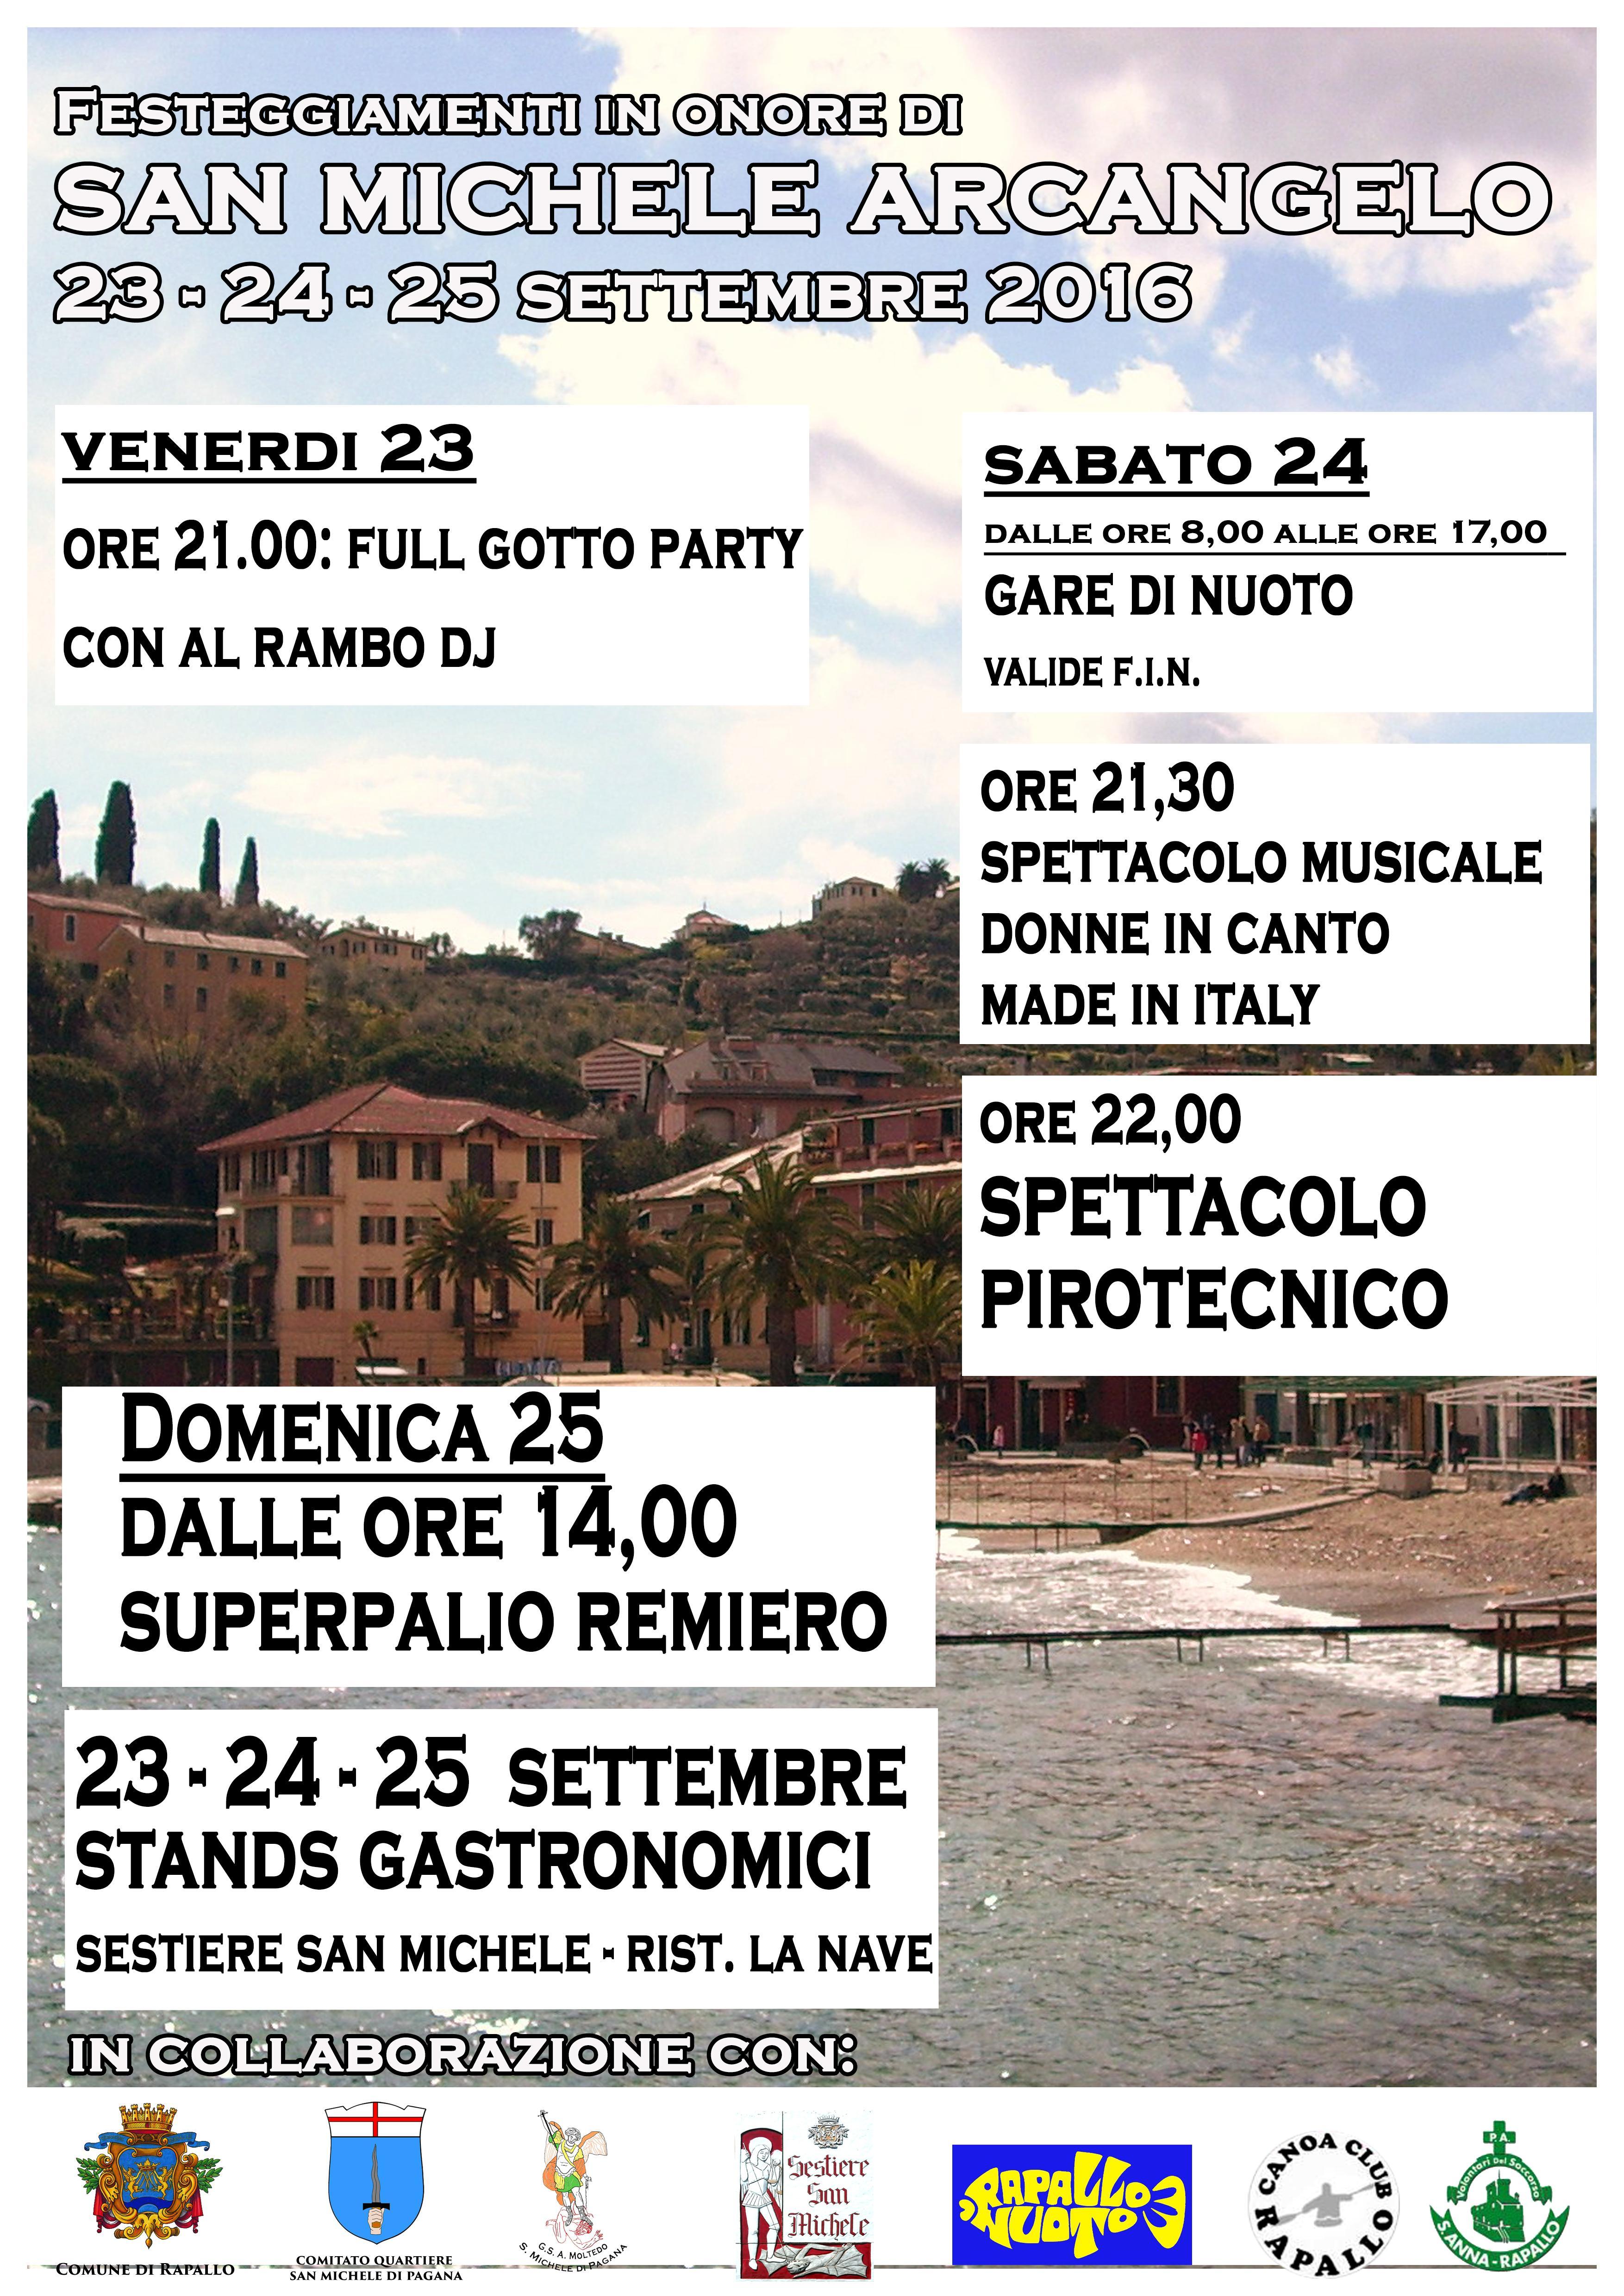 Comune di Rapallo (GE) - FESTA PATRONALE DI SAN MICHELE DI PAGANA